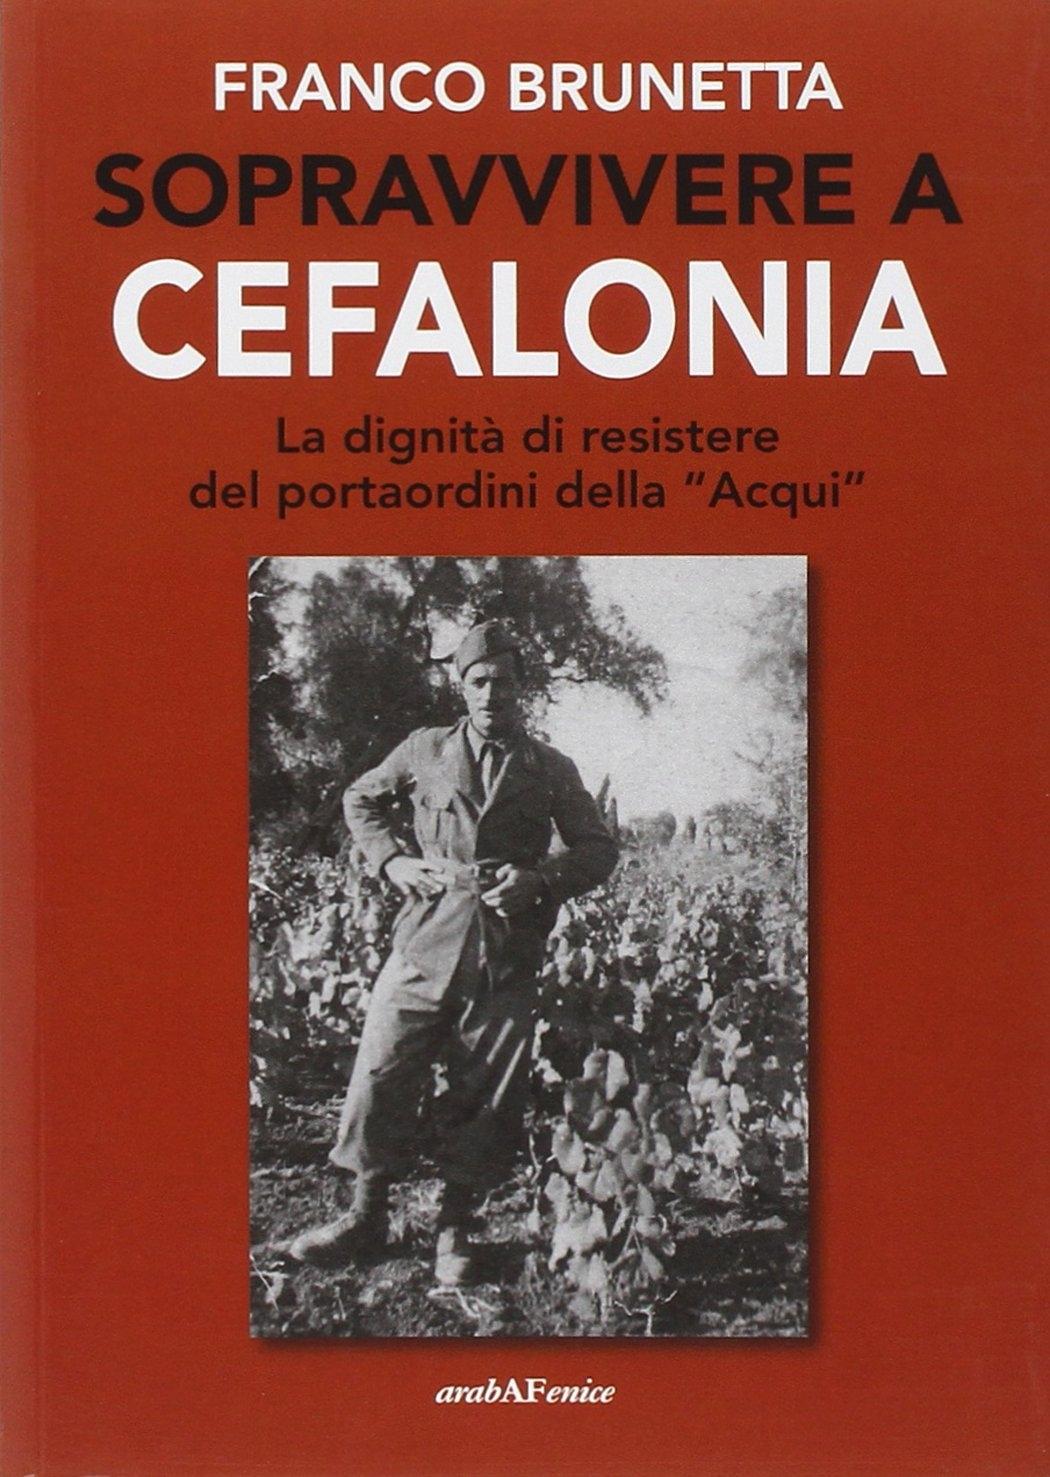 Sopravvivere a Cefalonia. La dignità di resistere del portaordini della